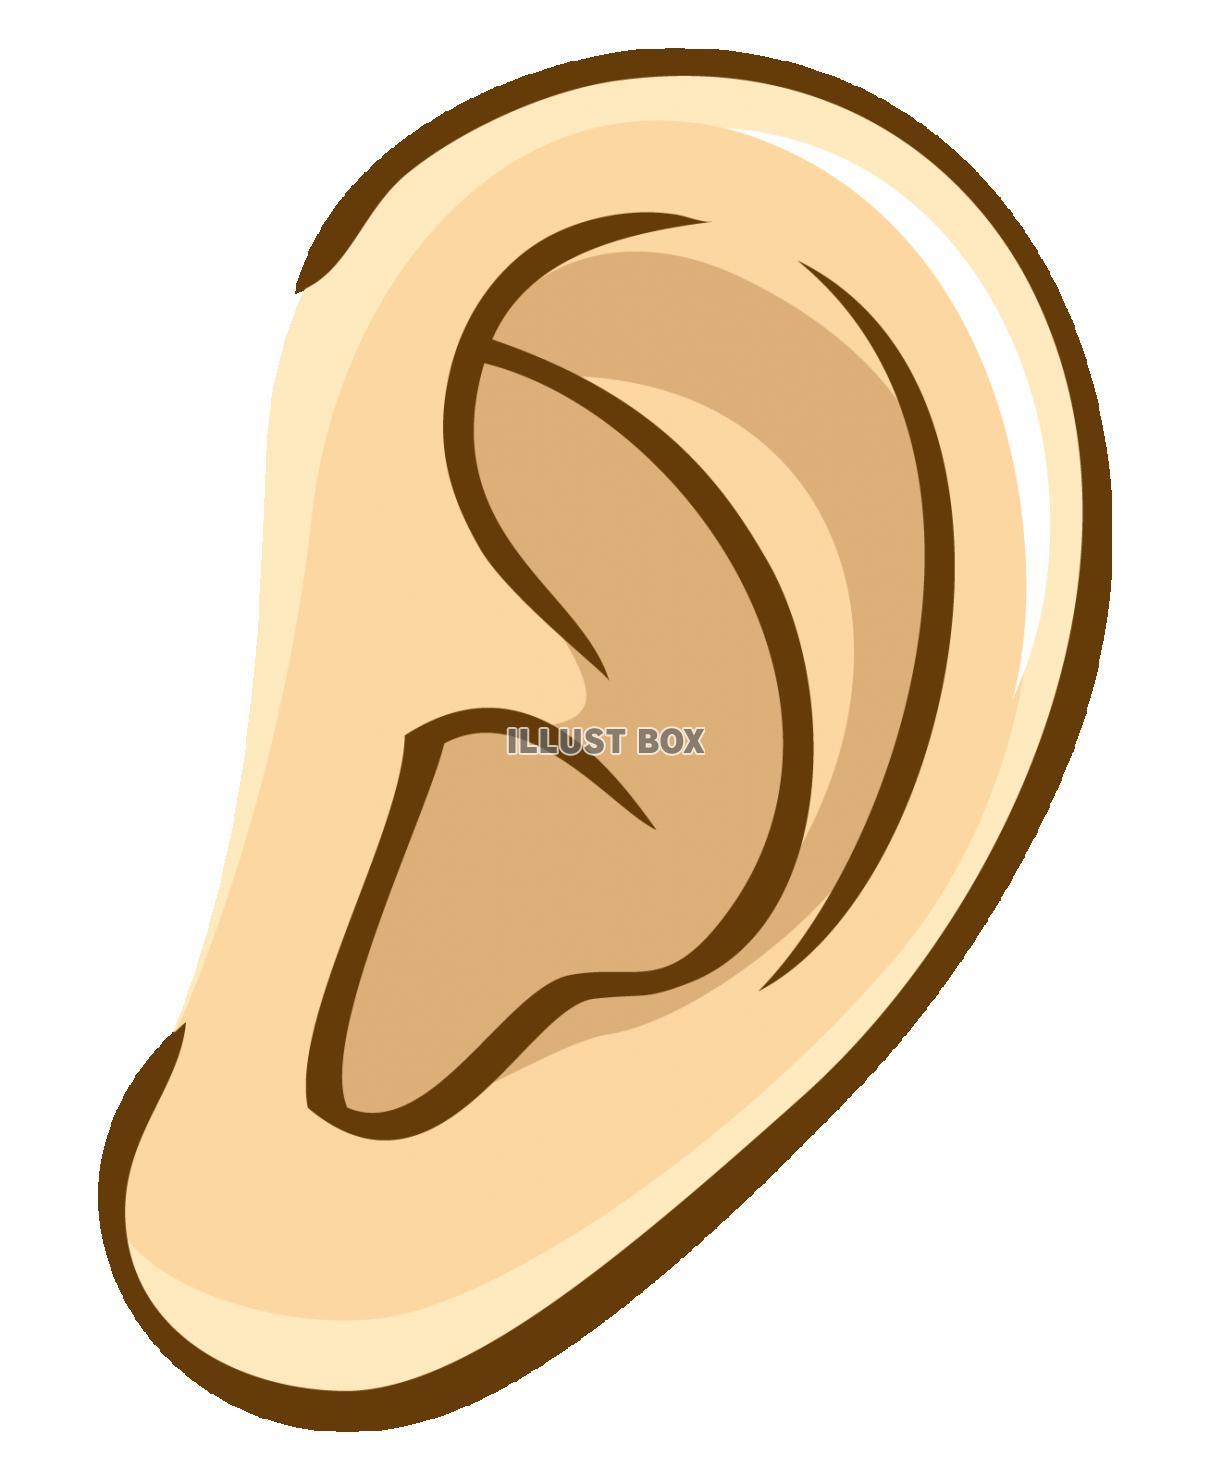 無料イラスト 耳つぼピアスイヤリング耳鼻科聞く聴く聴覚耳垢